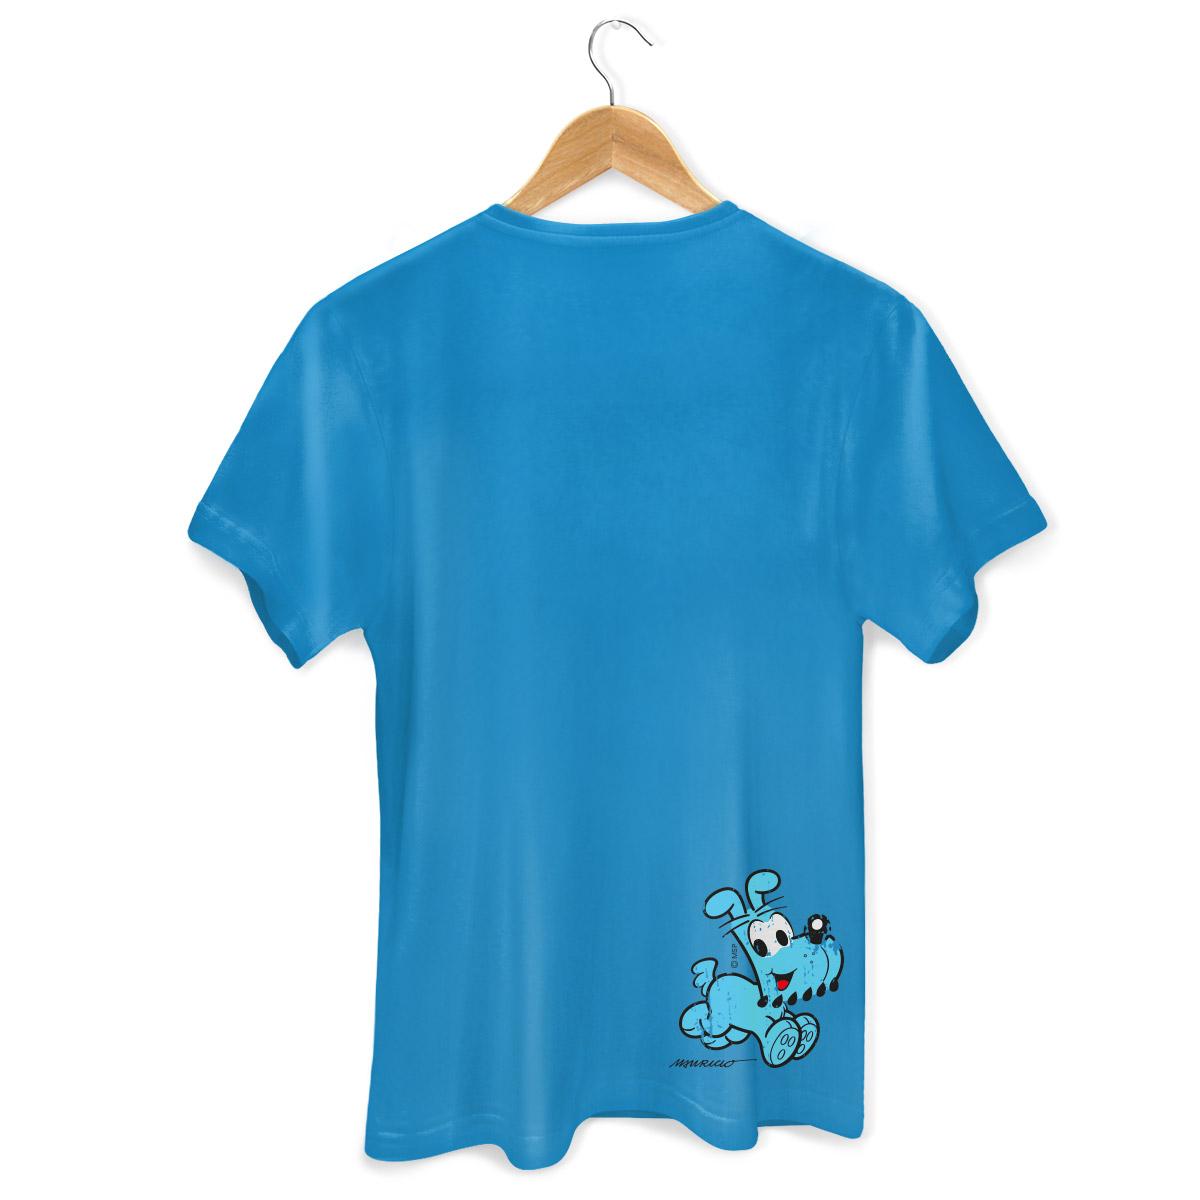 Camiseta Masculina Turma da Mônica Cool Olhões Bidu